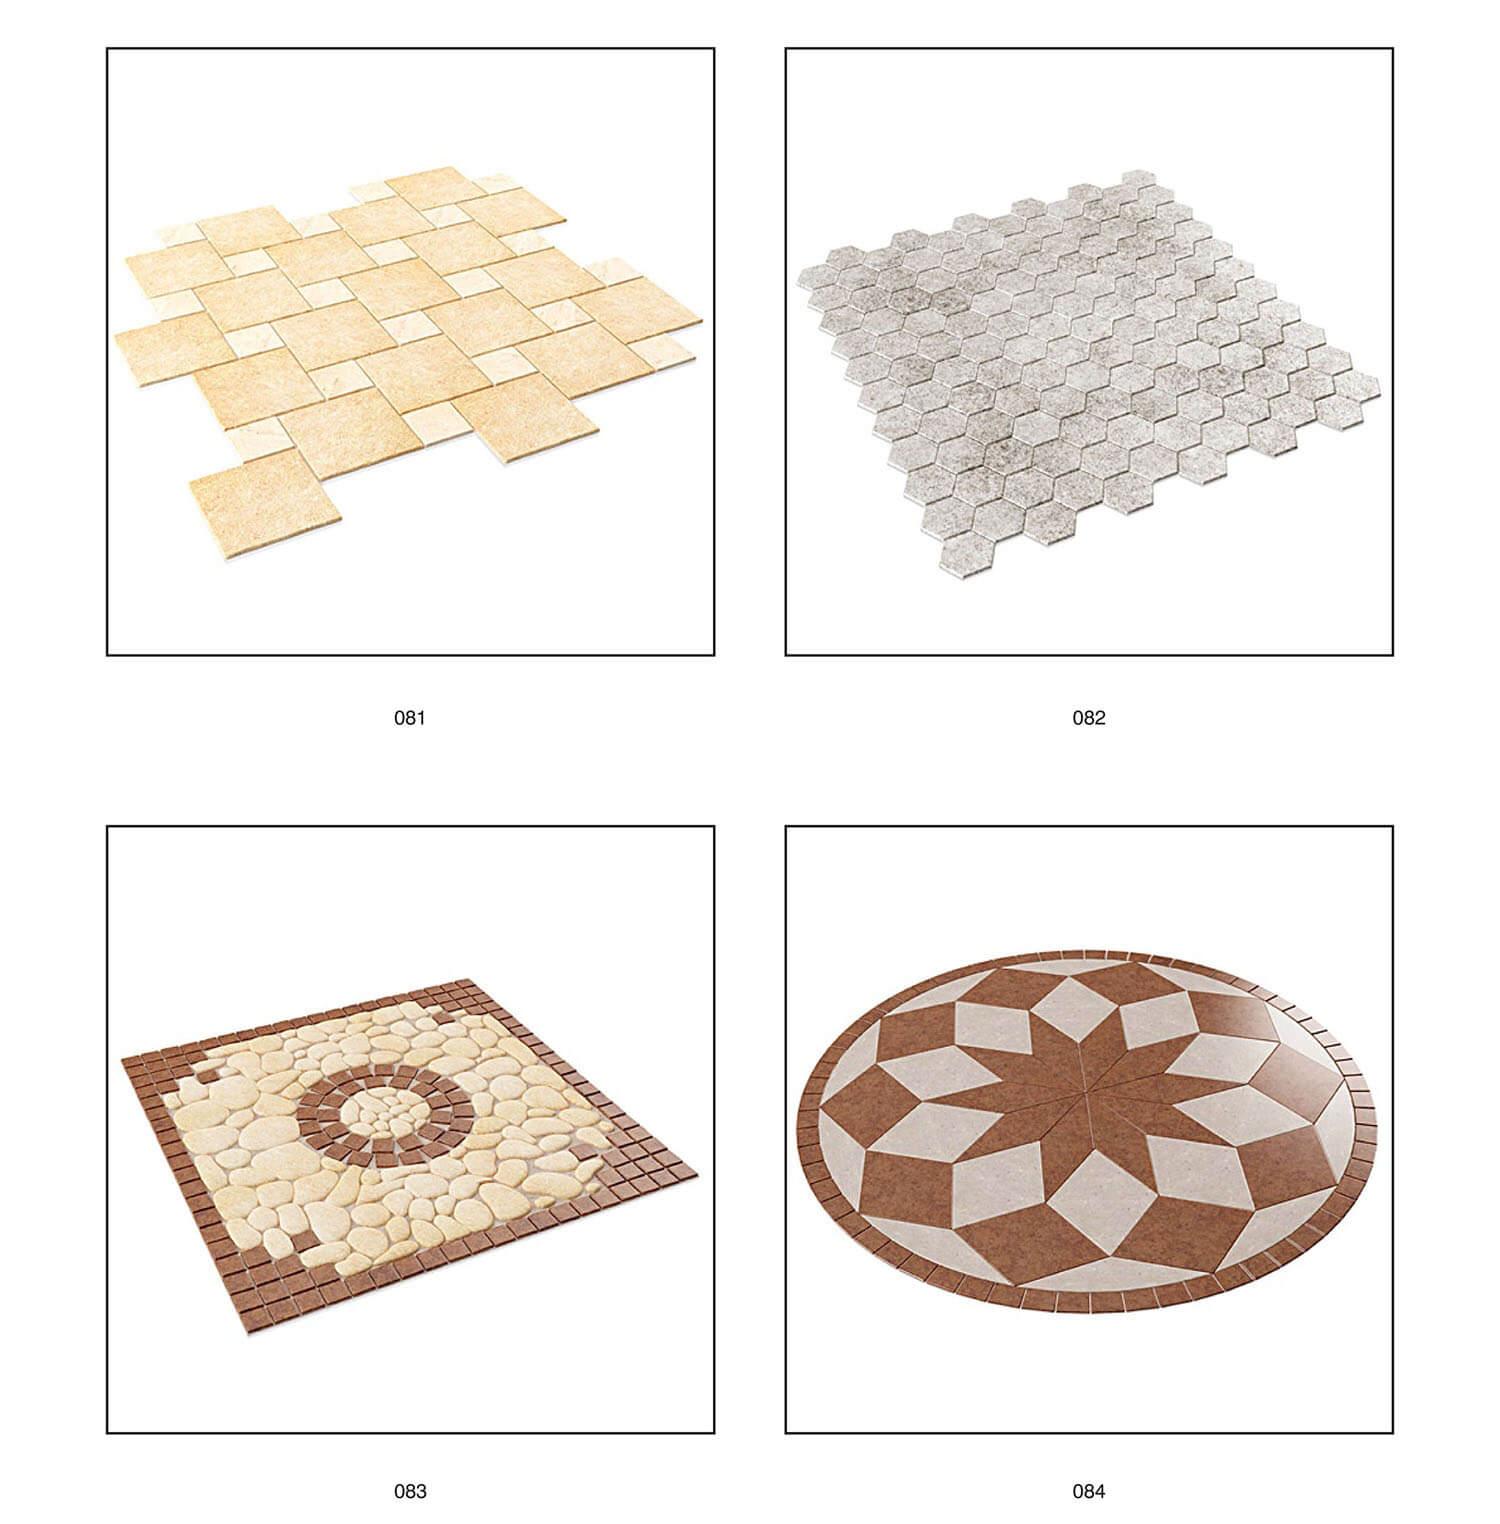 Từ cách lát đồng đều, đến các ô trang trí tập trung hình vuông, hình tròn tạo điểm nhấn